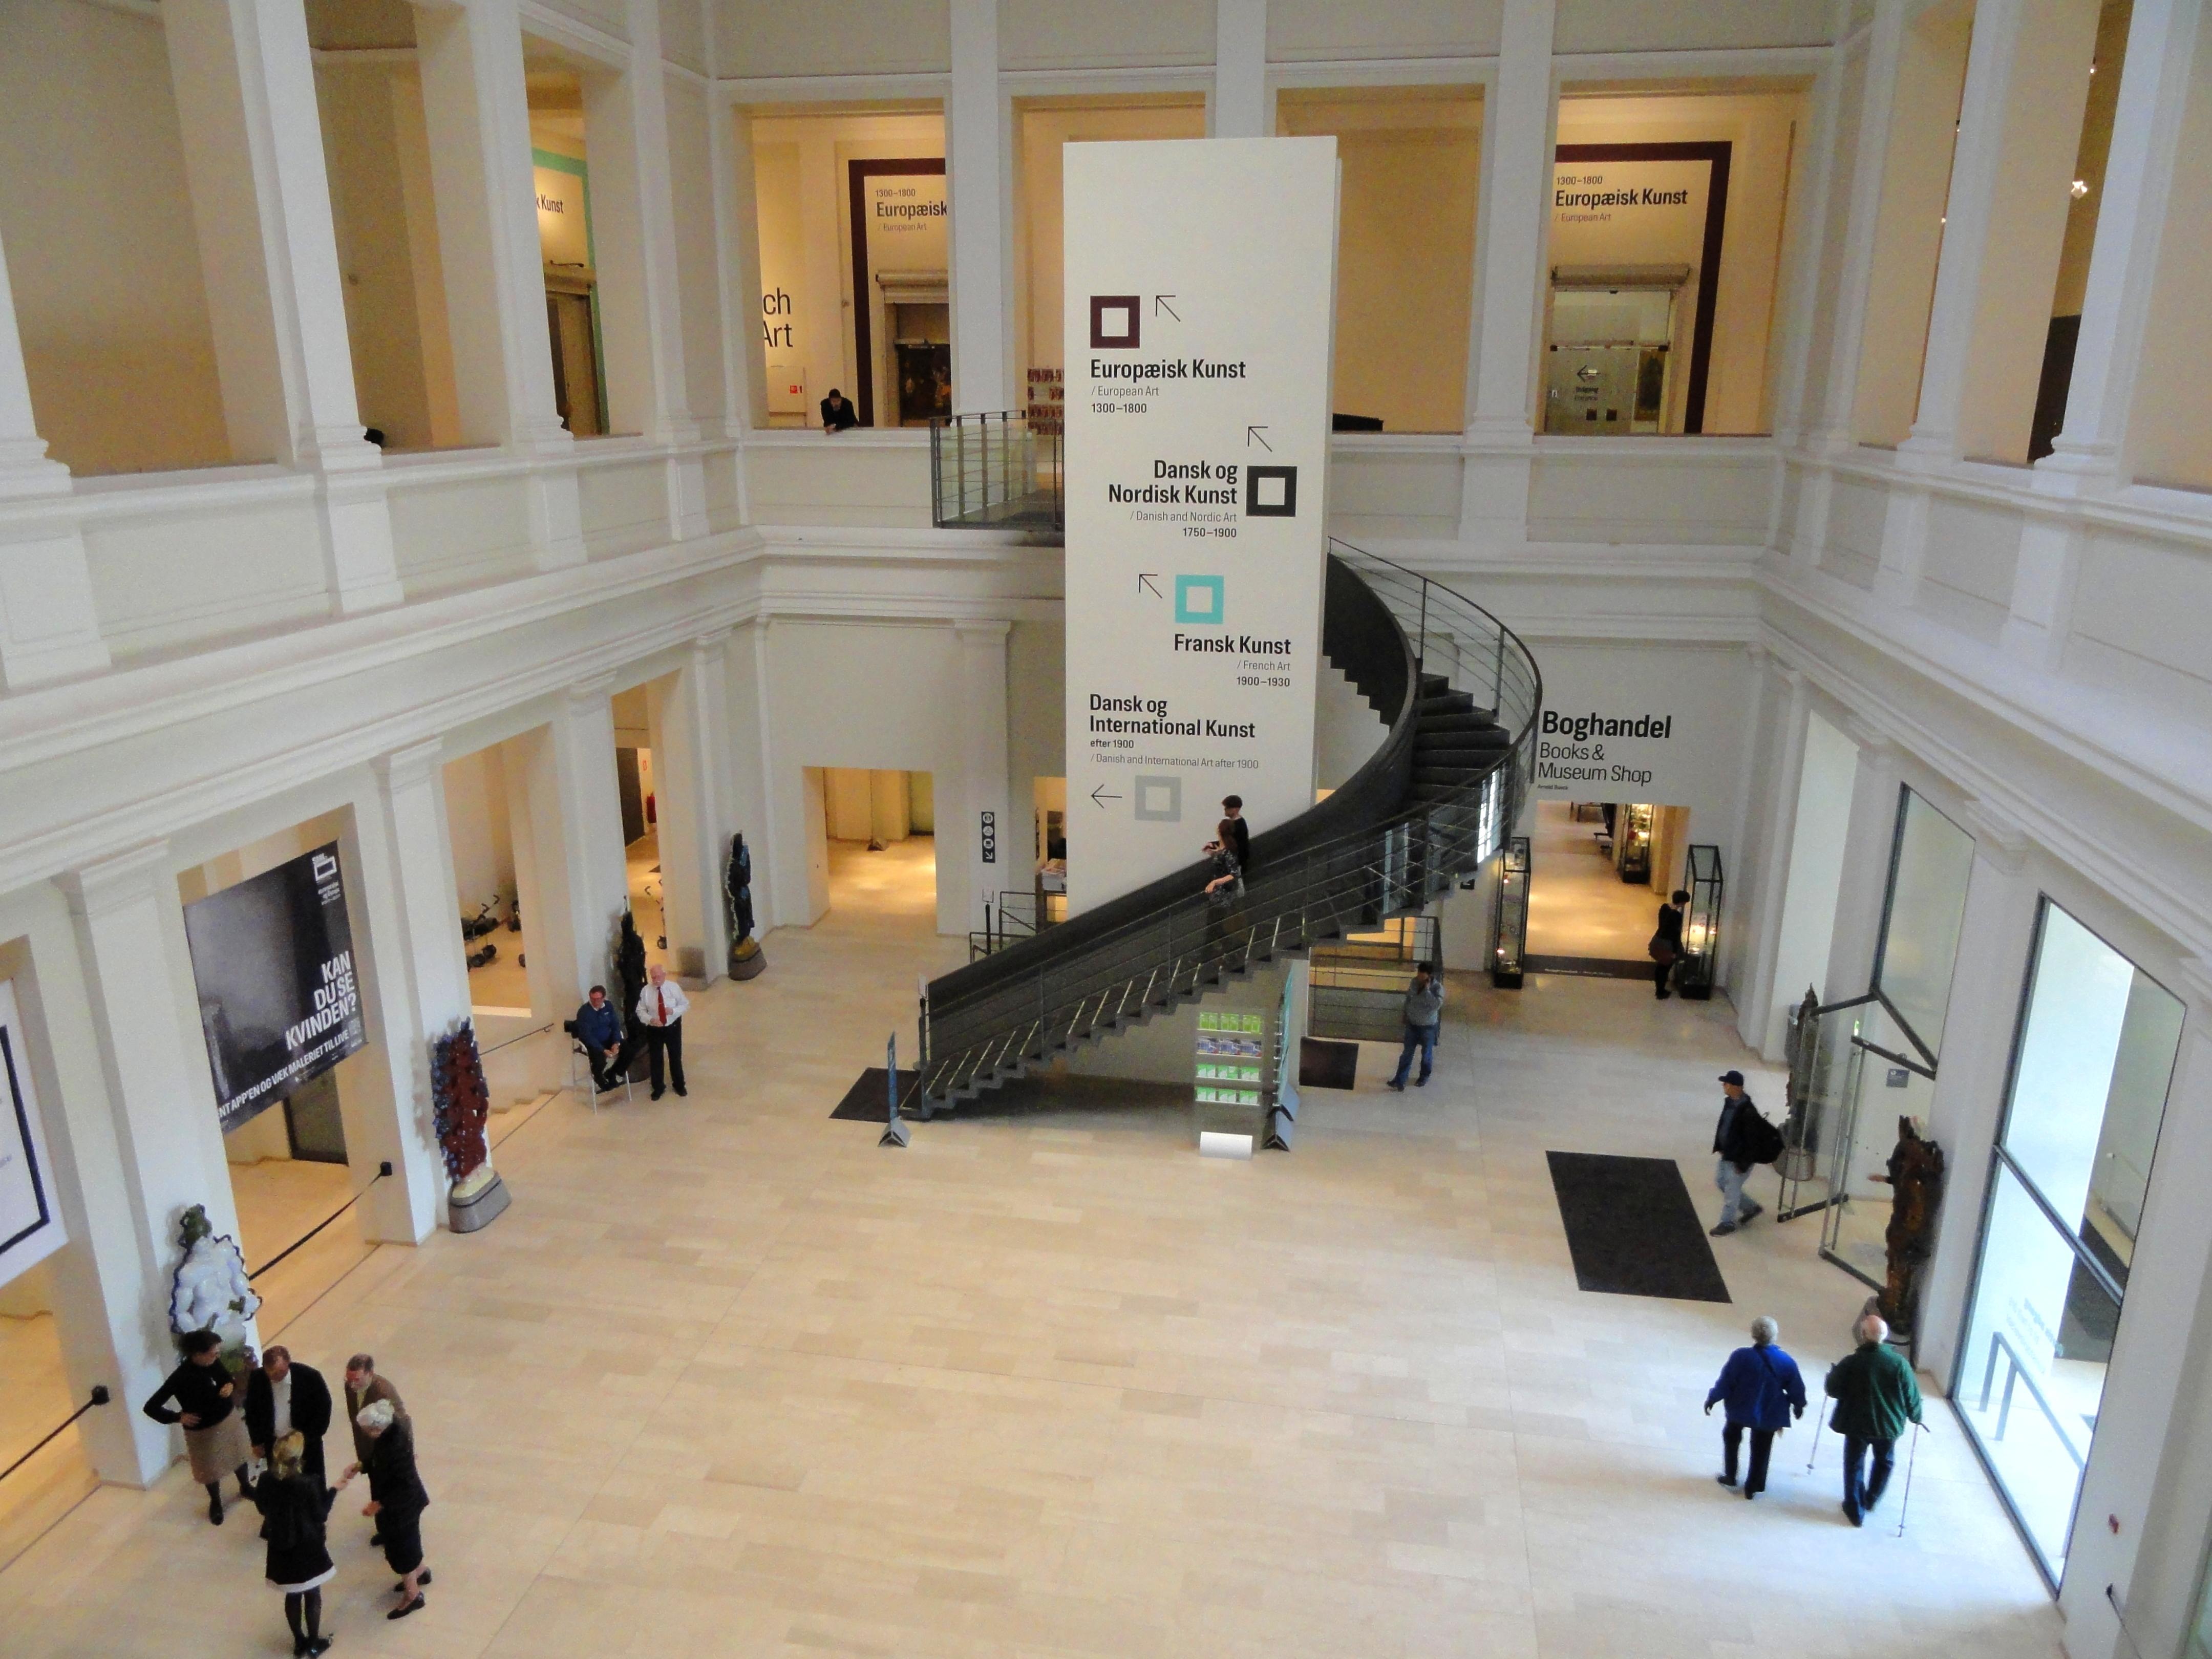 statens museum for kunst copenhagen denmark